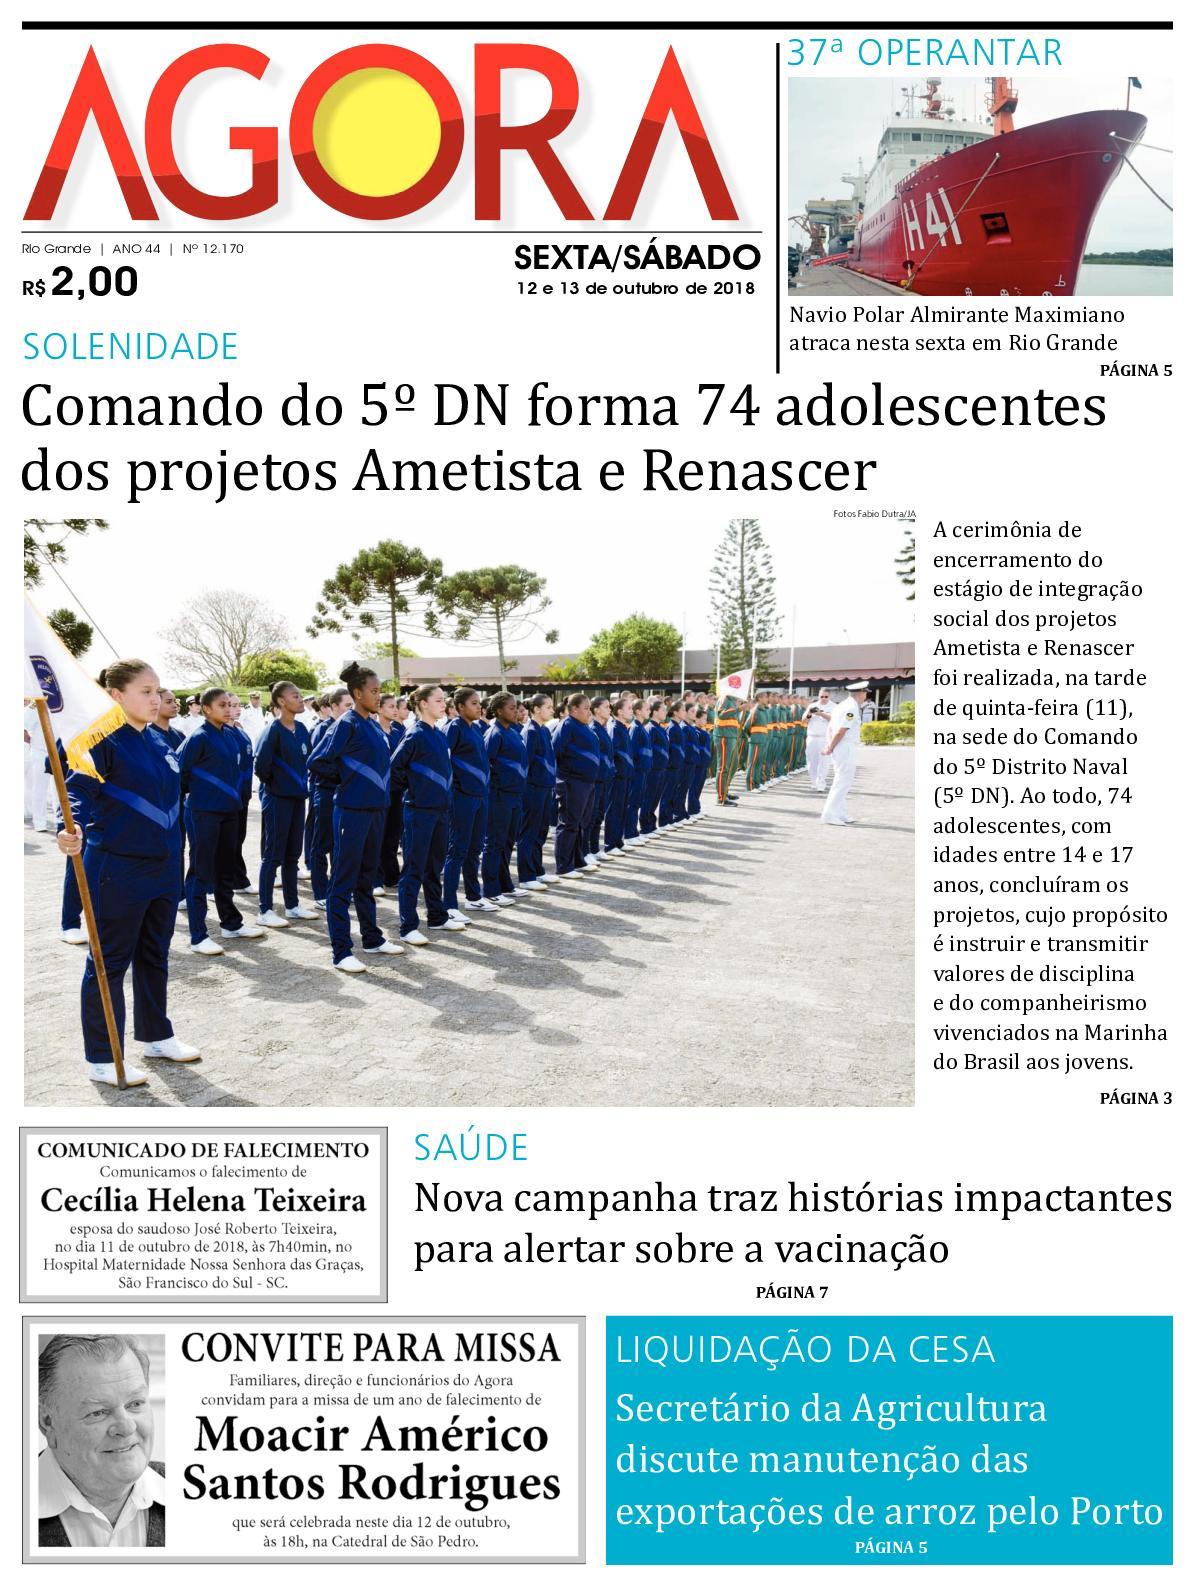 22c689976 Calaméo - Jornal Agora - Edição 12170 - 12 e 13 de Outubro de 2018